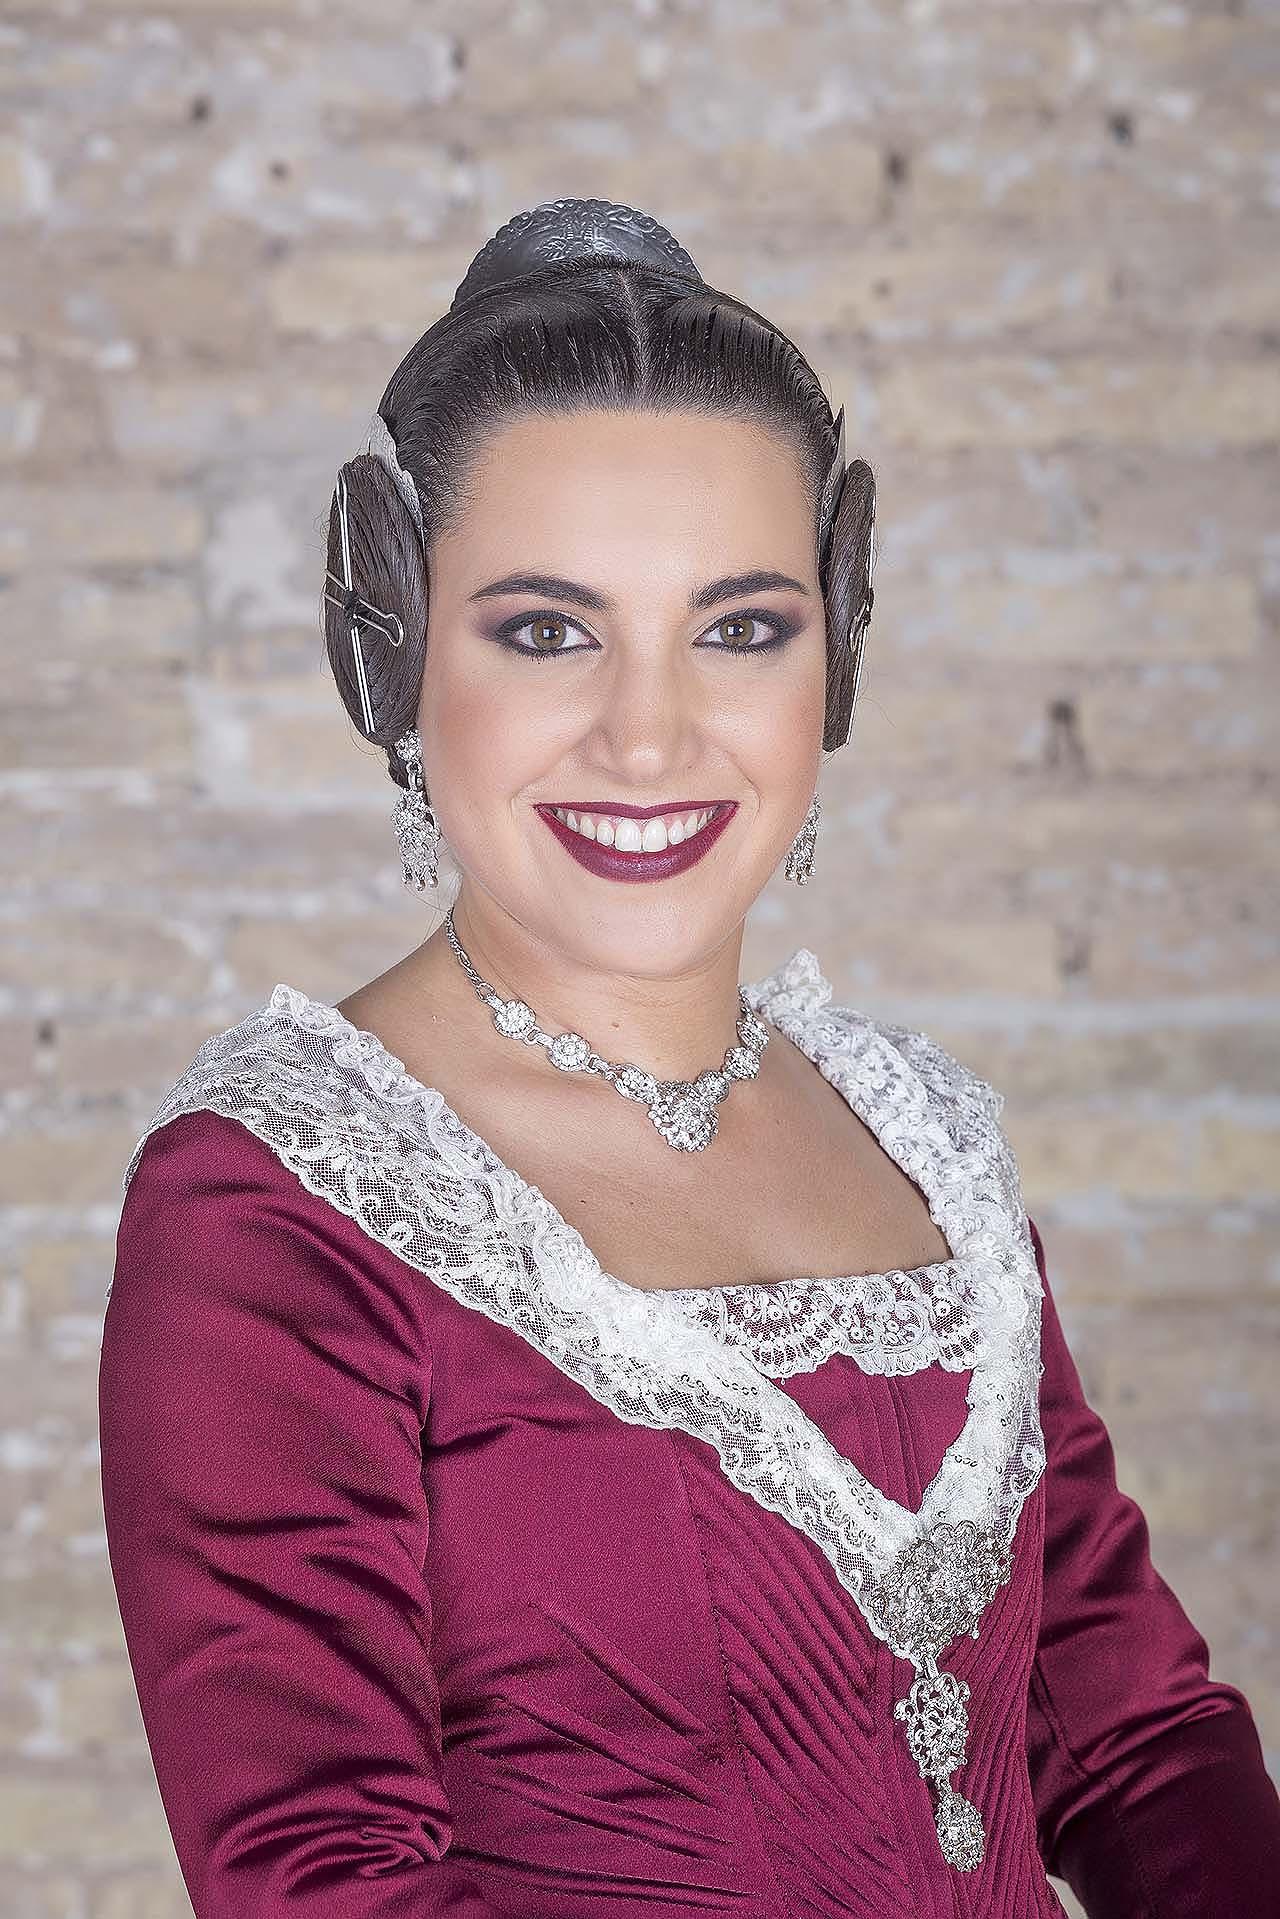 Ana Horcajada Rodado